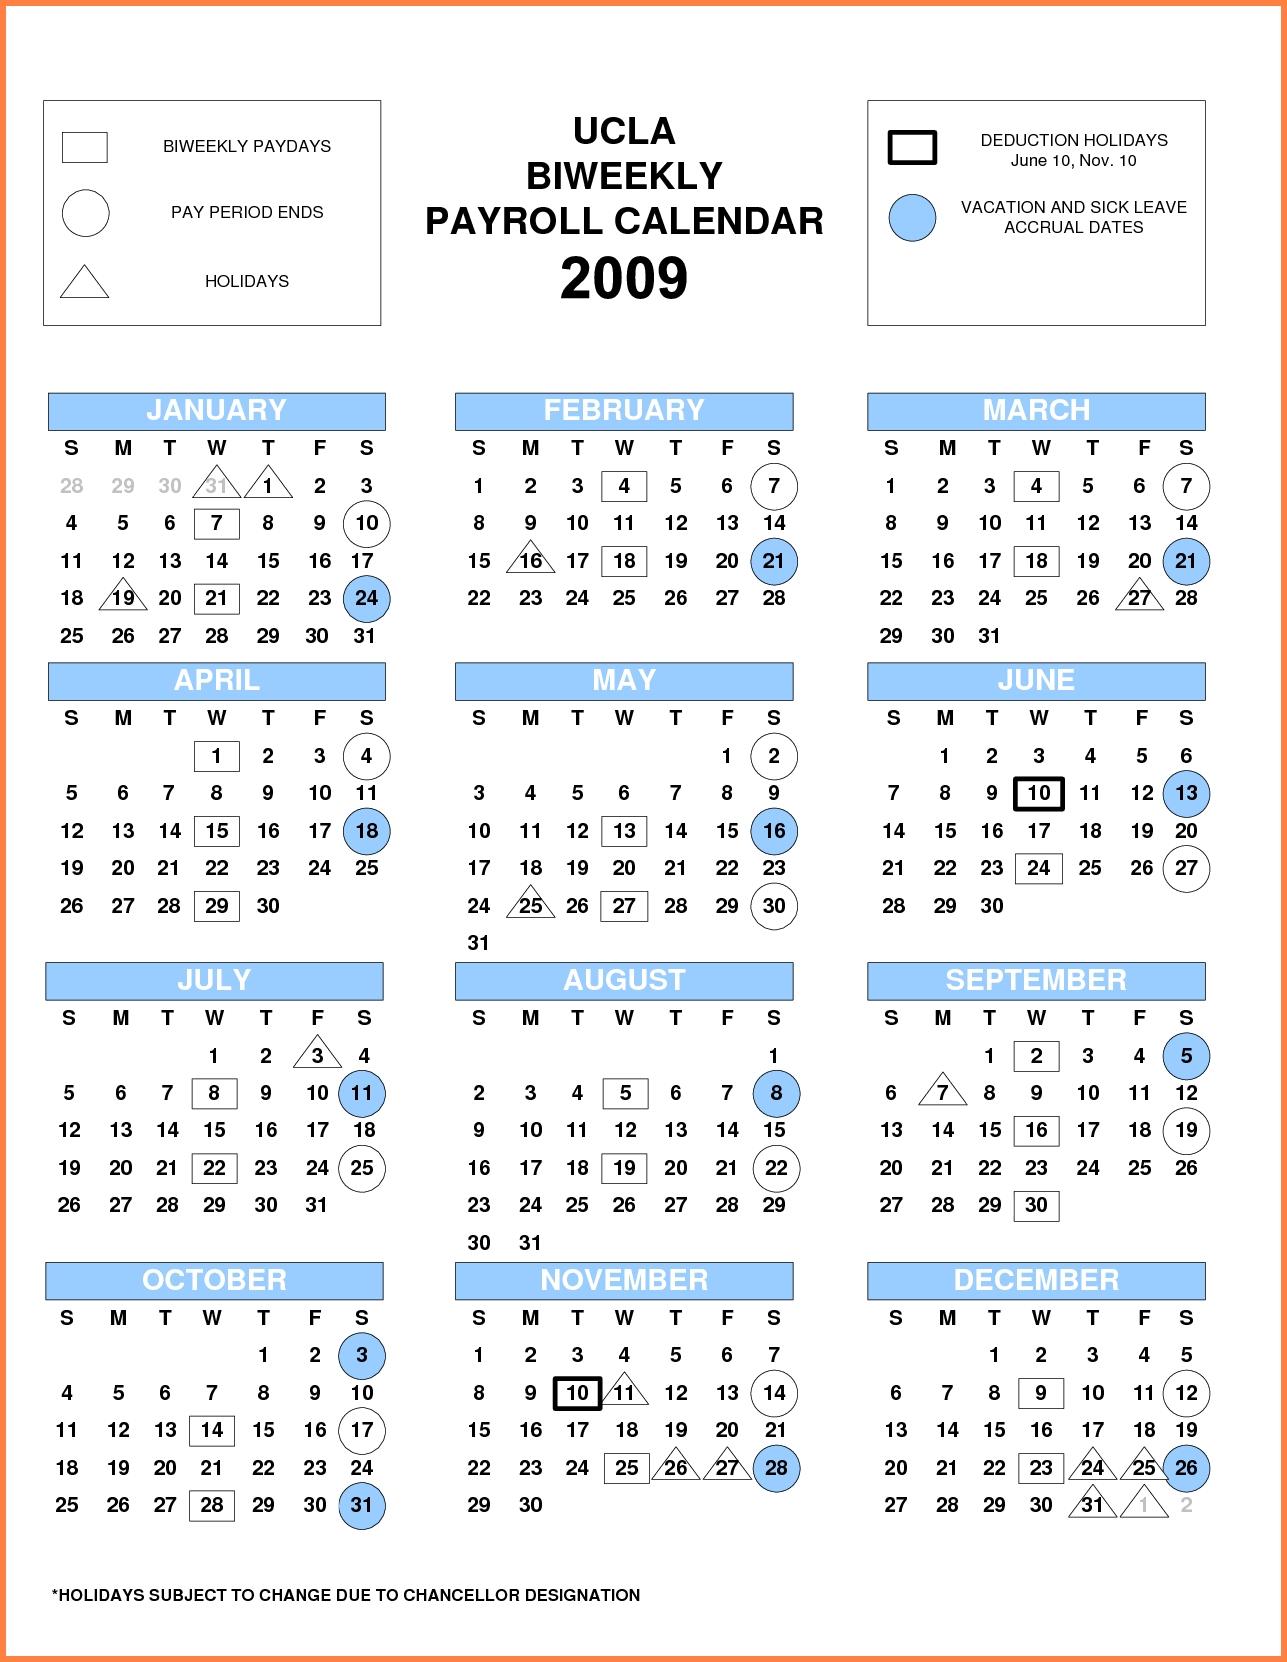 Ucla Monthly Payroll Calendar 2018 | Payroll Calendars Calendar 2019 Ucla